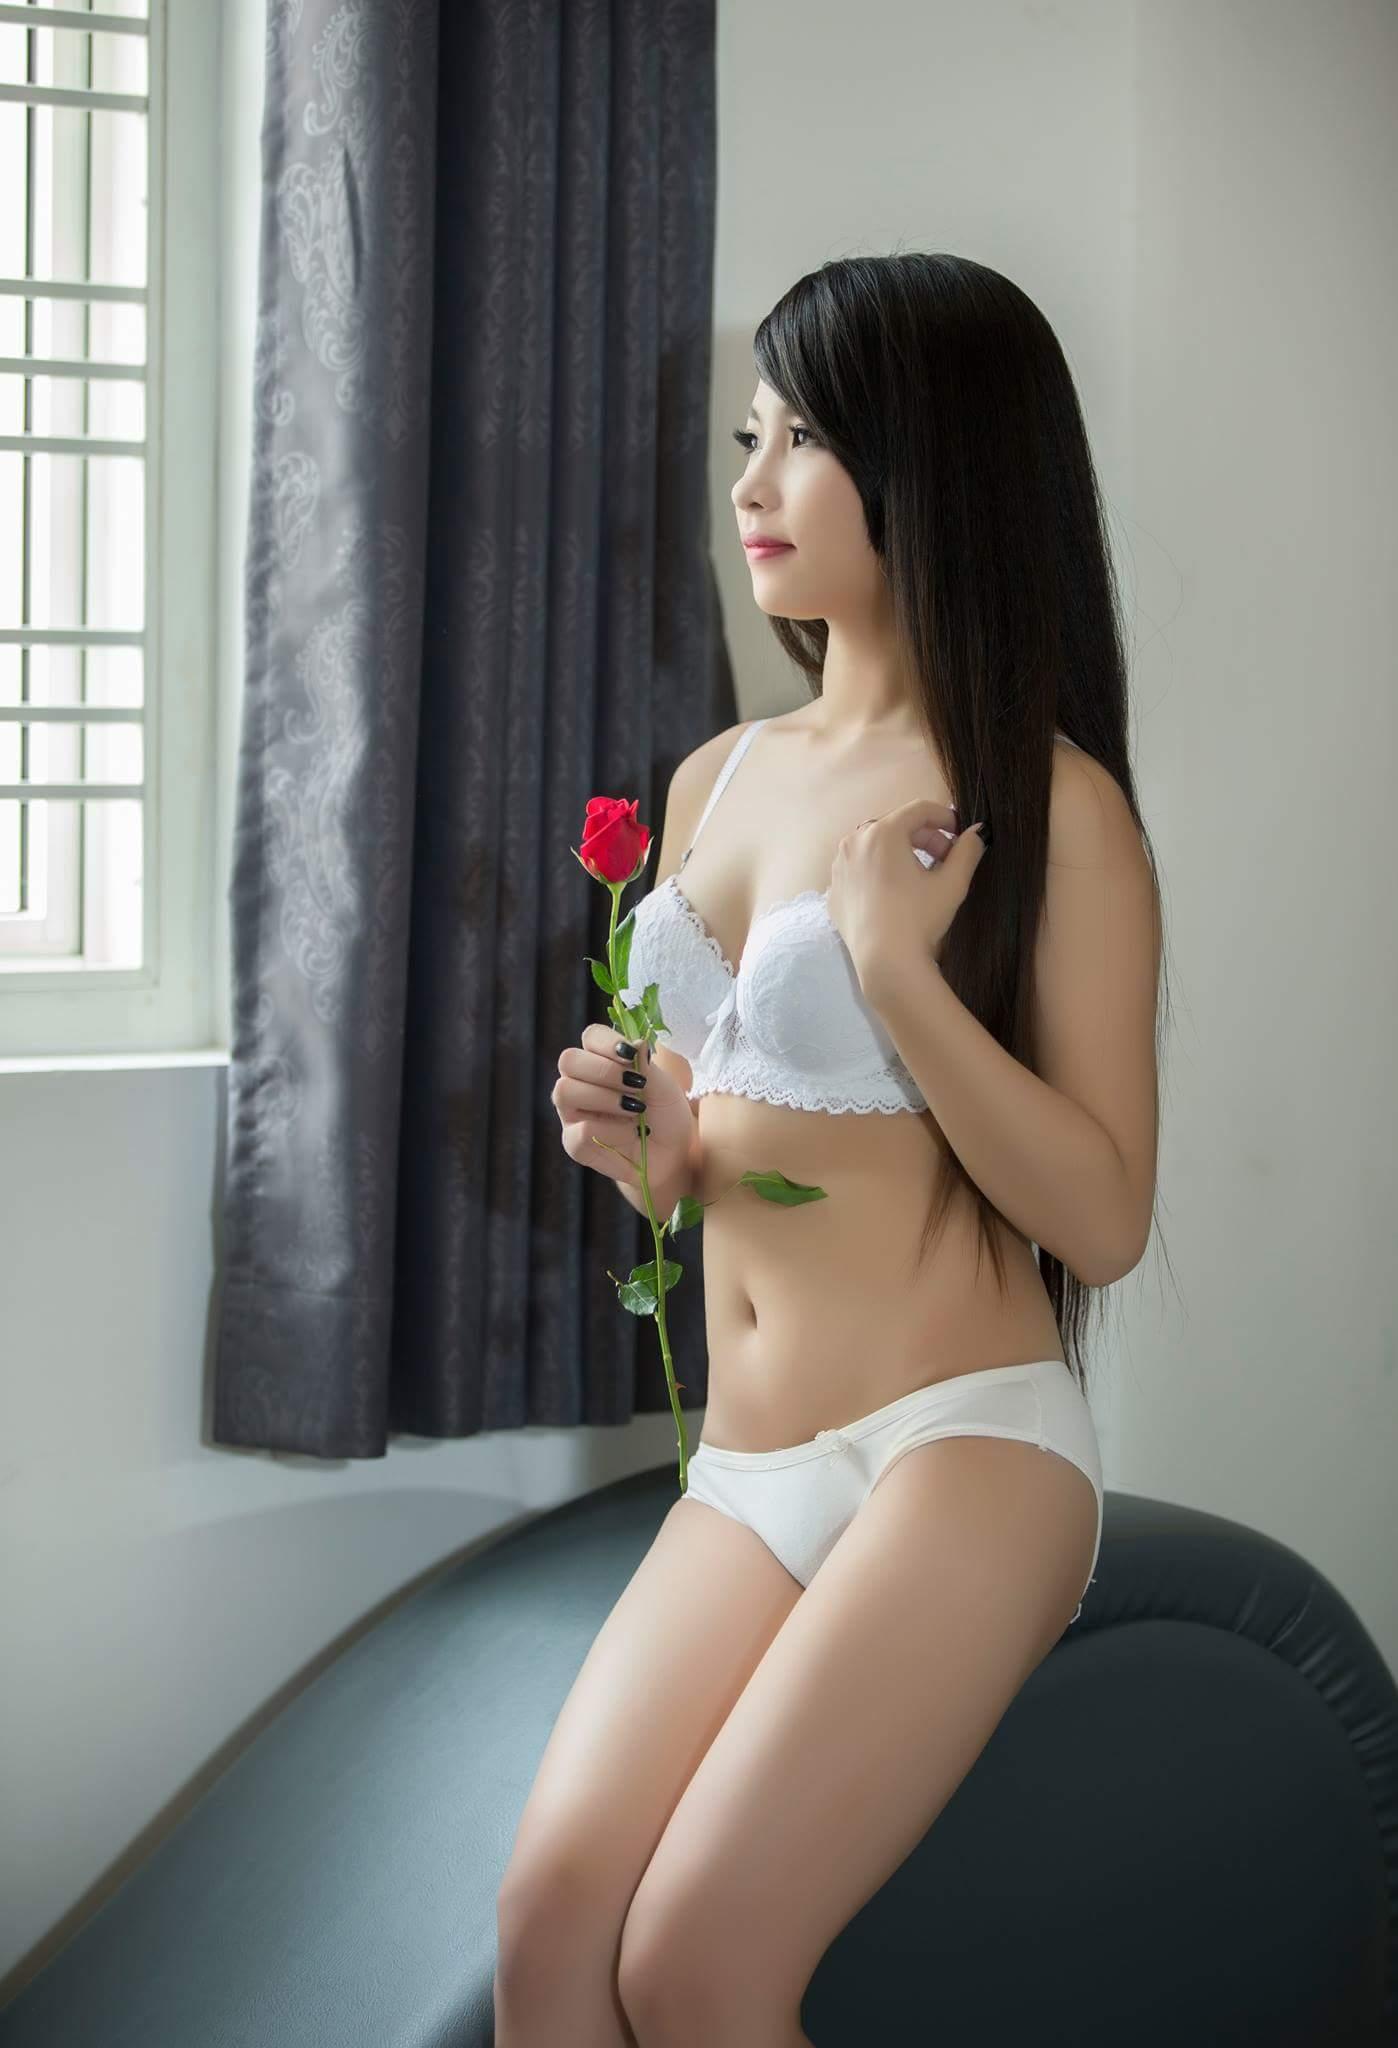 Sexy đẹp thánh thiện photo Đặng Thanh Tùng Tommy Tèo